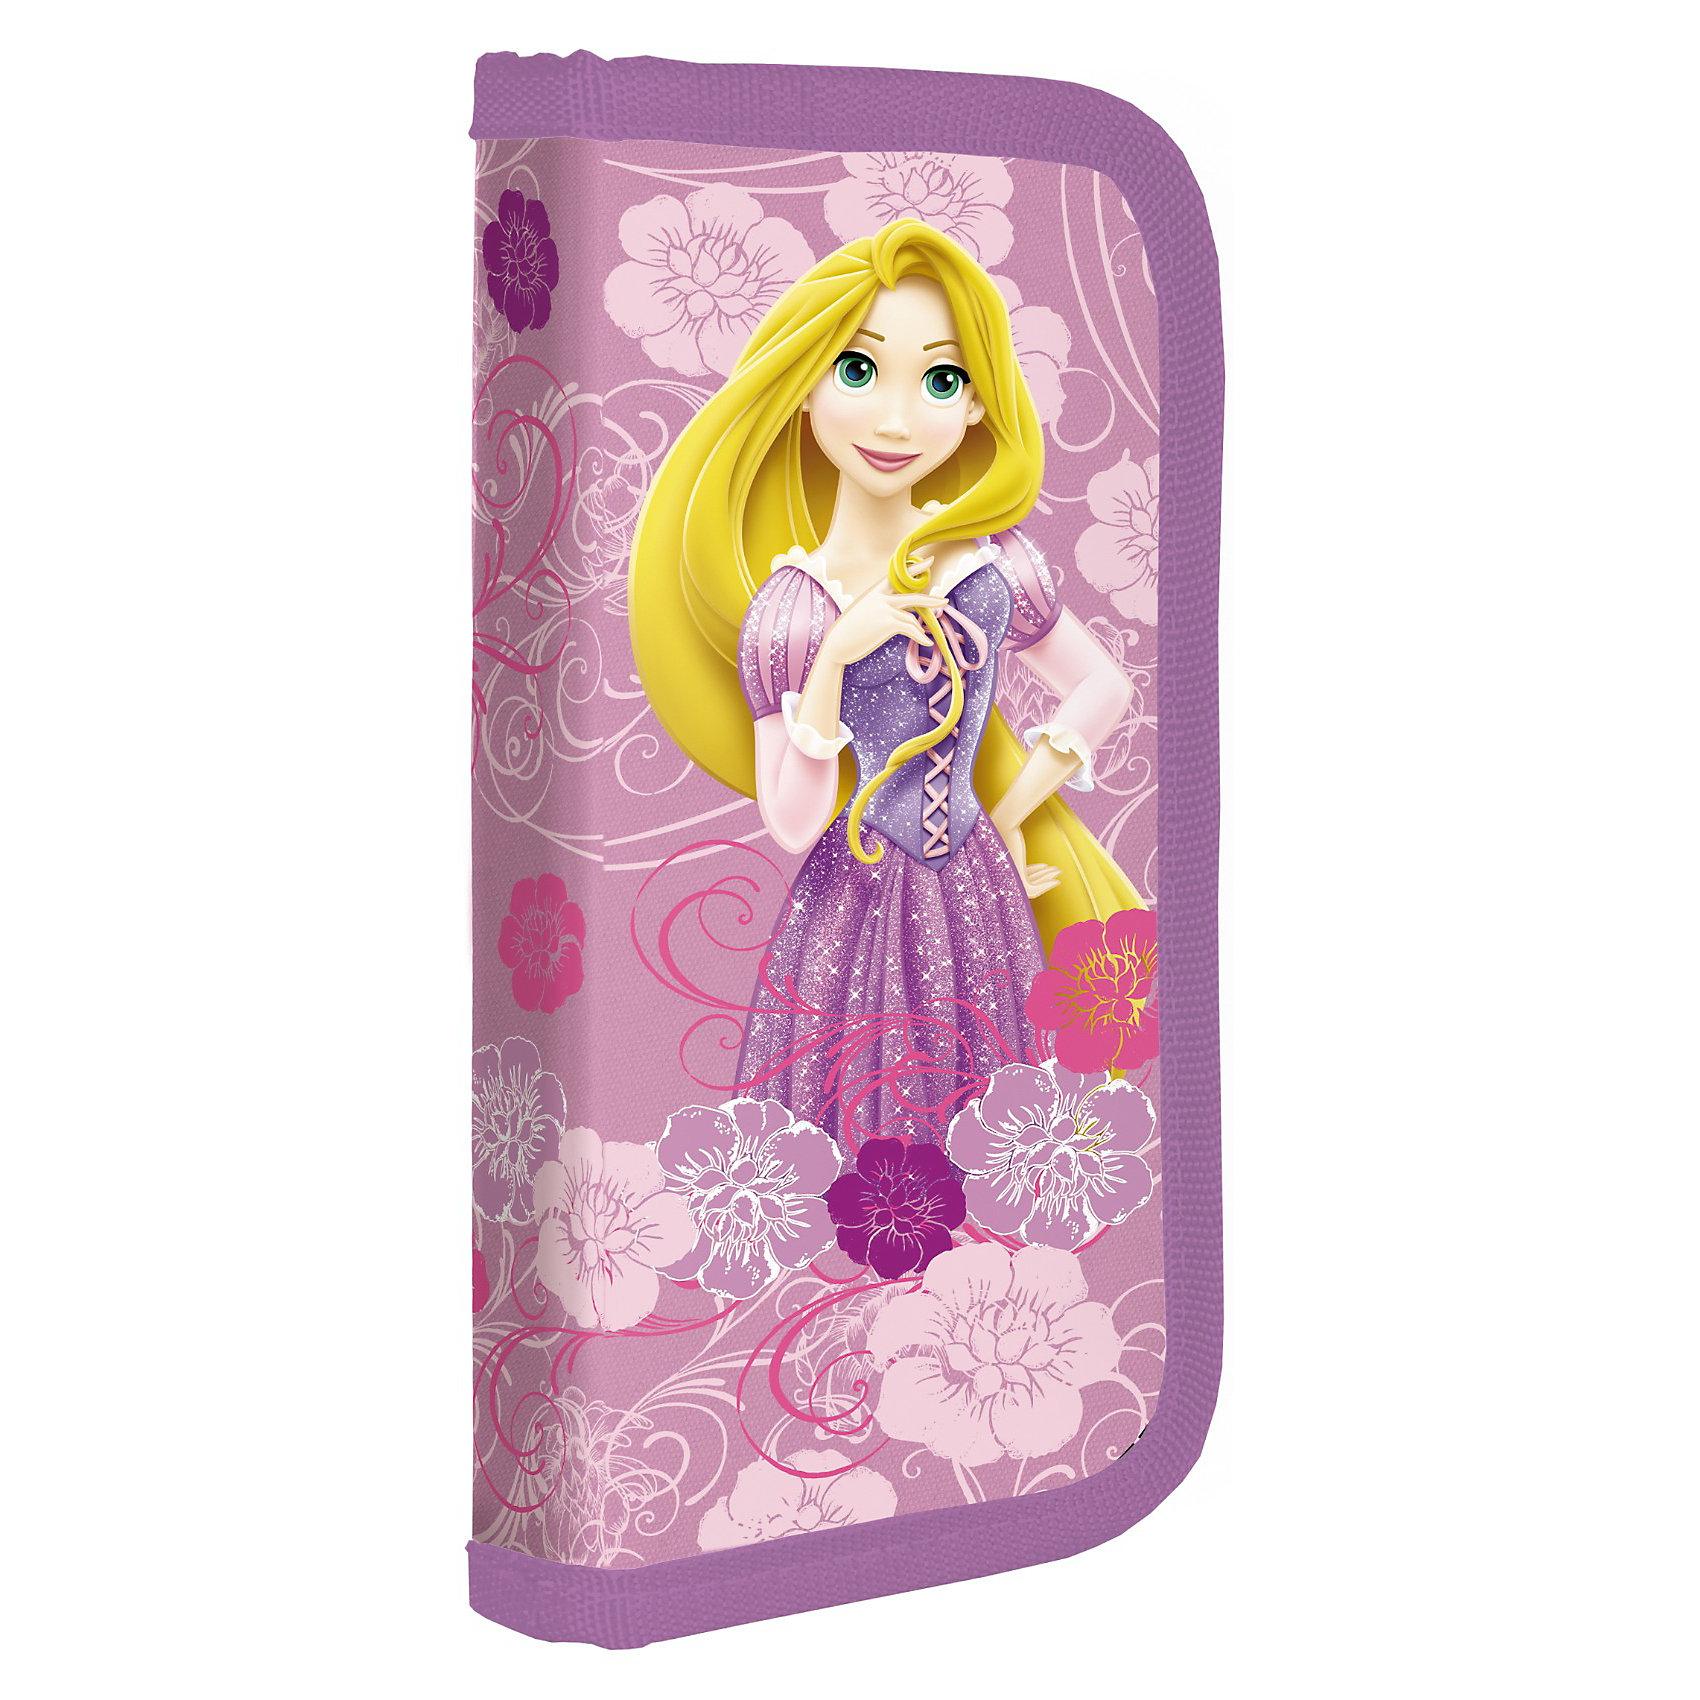 Пенал ламинированный, Принцессы ДиснейПринцессы Дисней<br>Пенал жесткий тканевый Disney Princess предназначен для хранения канцелярских принадлежностей, которые необходимы девочке в школе. Удобная прямоугольная форма позволяет носить этот пенал в любом рюкзаке или сумке.<br>Плотный каркас пенала защищает канцелярские принадлежности от повреждений.<br>Тканевое покрытие делает пенал приятным для тактильных ощущений.<br>Внутри пенала есть крепления для карандашей и ручек.<br>Декорирован этот товар рисунком с изображением принцесс из диснеевских мультфильмов.<br><br>Дополнительная информация:<br><br>- материал: полиэстер<br>- размер пенала: 20 х 9 х 3 см.<br><br>Пенал ламинированный , Disney Princess  можно купить в нашем магазине.<br><br>Ширина мм: 200<br>Глубина мм: 90<br>Высота мм: 30<br>Вес г: 37<br>Возраст от месяцев: 48<br>Возраст до месяцев: 84<br>Пол: Женский<br>Возраст: Детский<br>SKU: 3562893